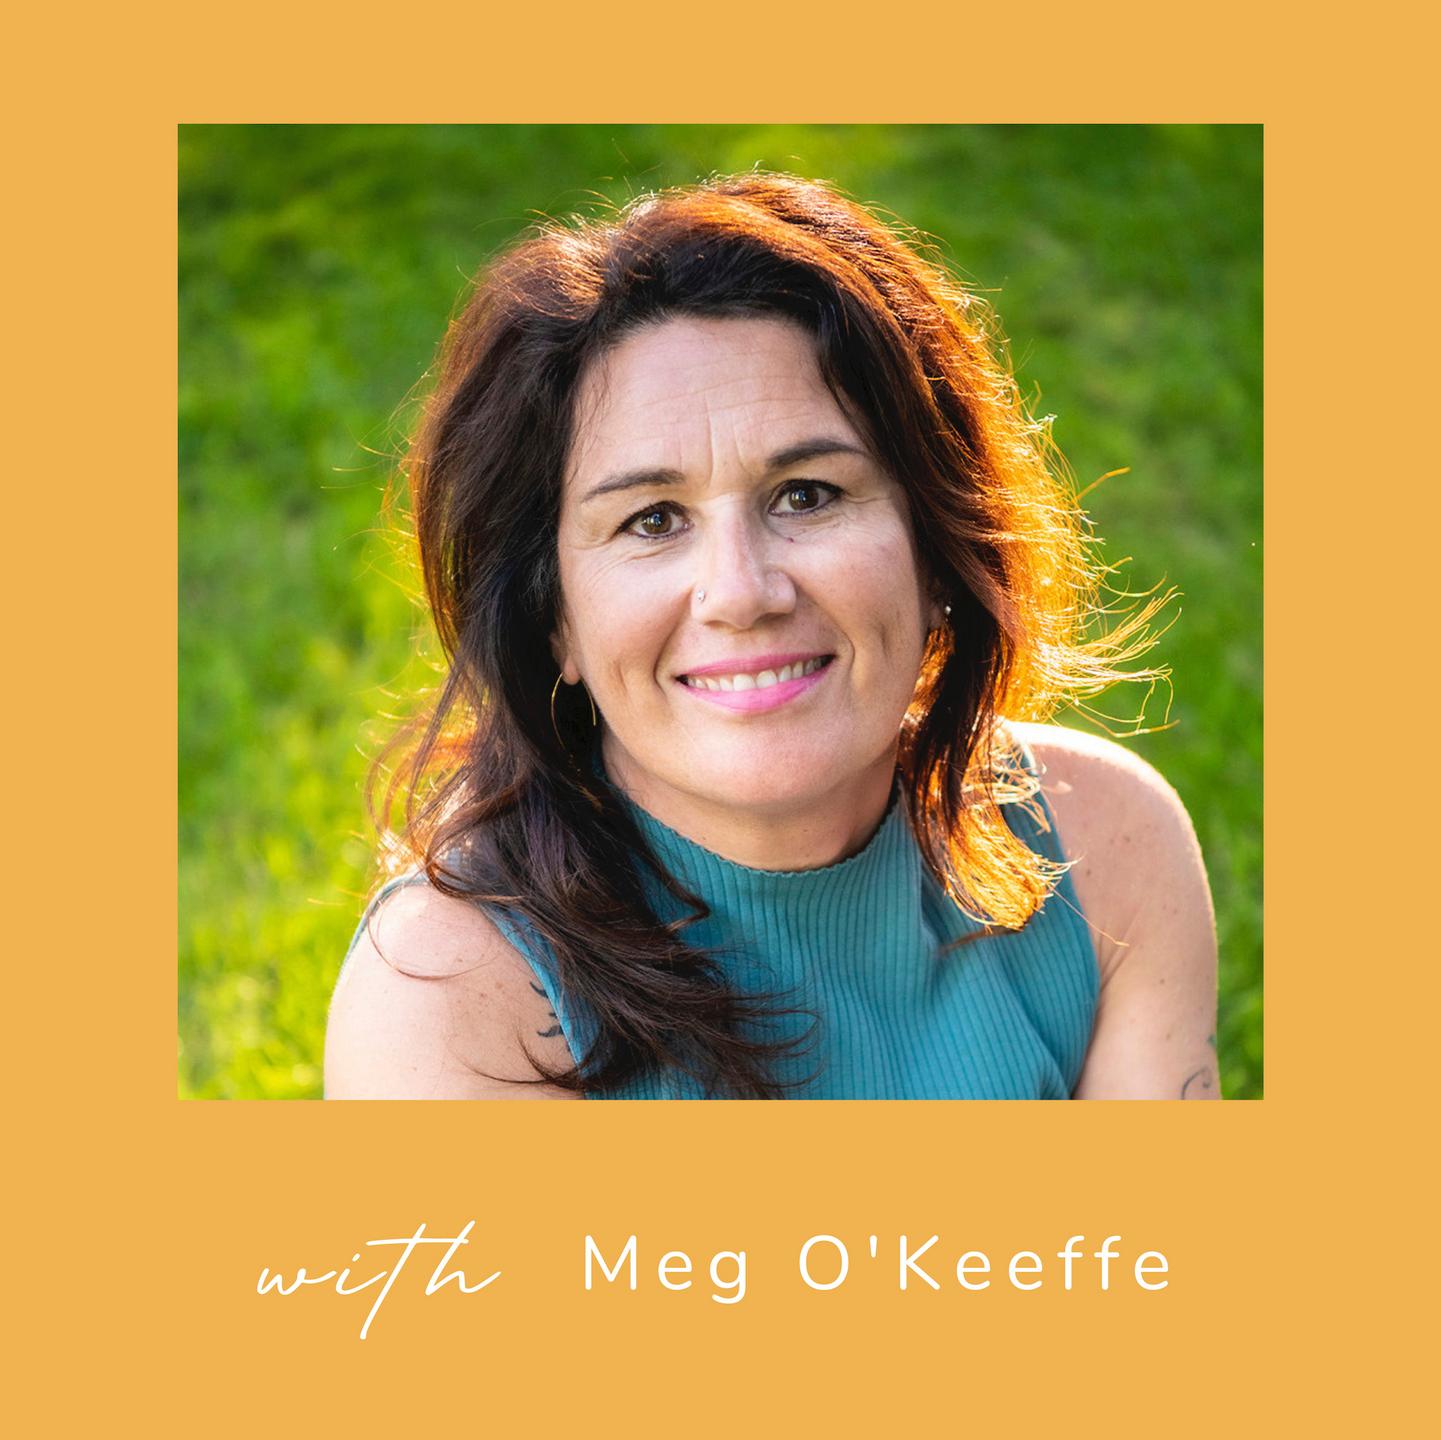 Meg O'Keeffe Conscious Parent Coach Shefali Montessori Method at Home